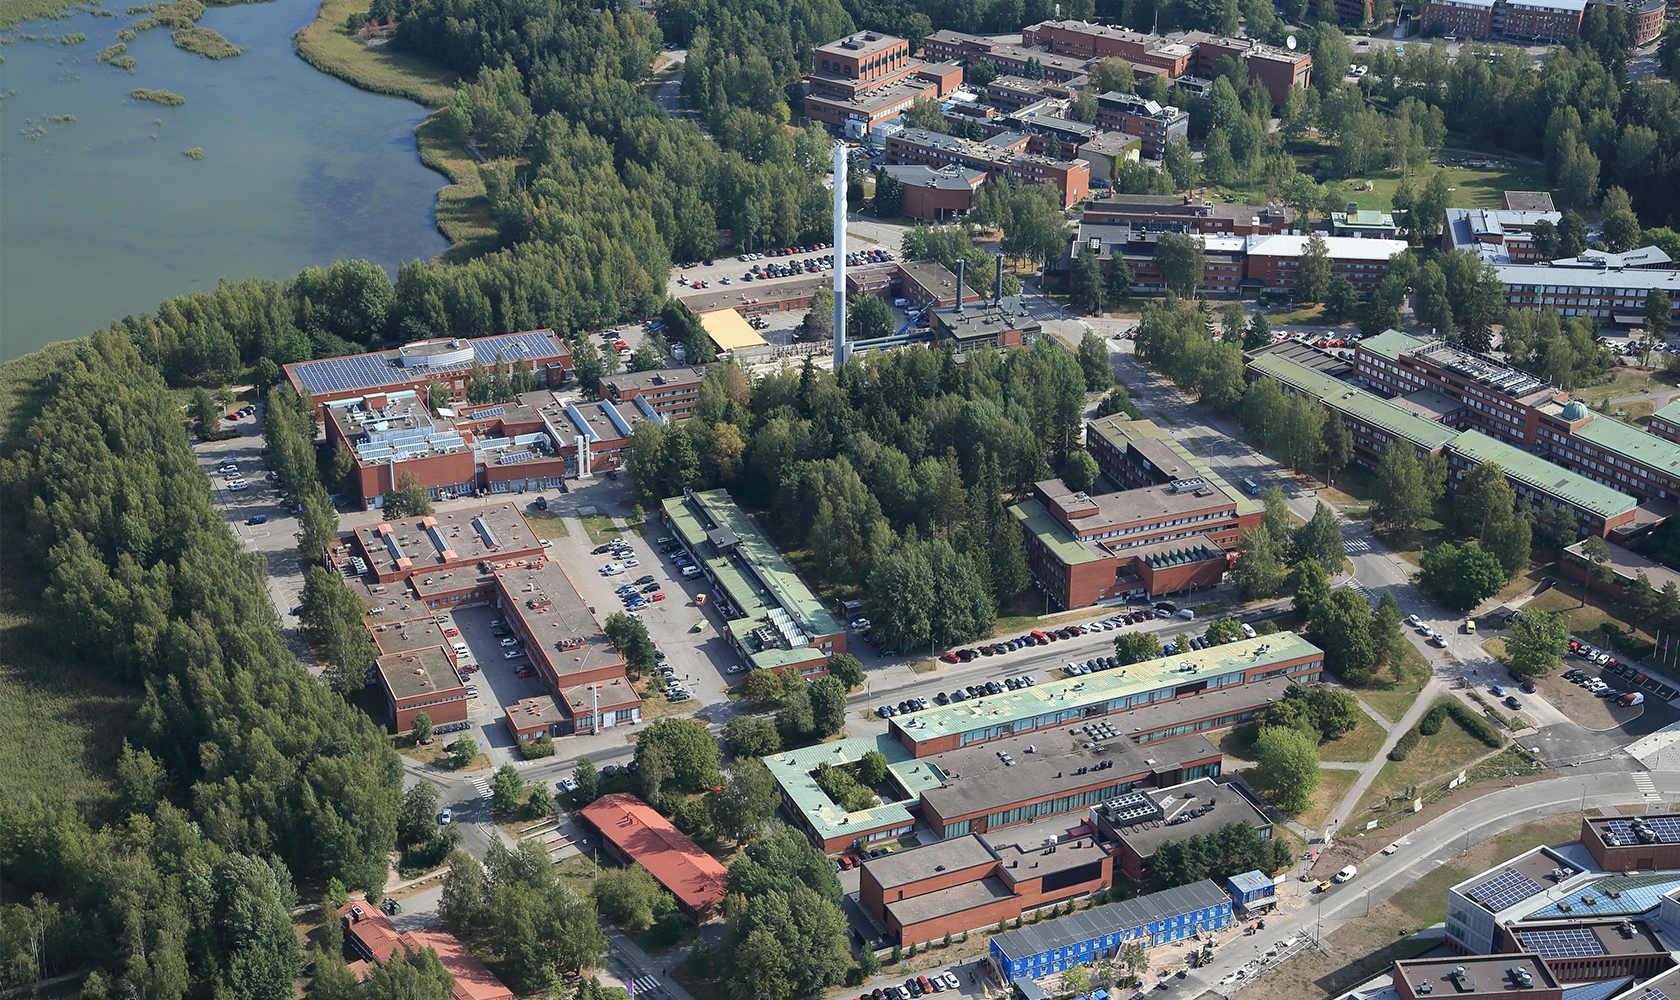 Aalto_yliopisto_copyright Aalto-yliopisto ja Suomen Ilmakuva Oy